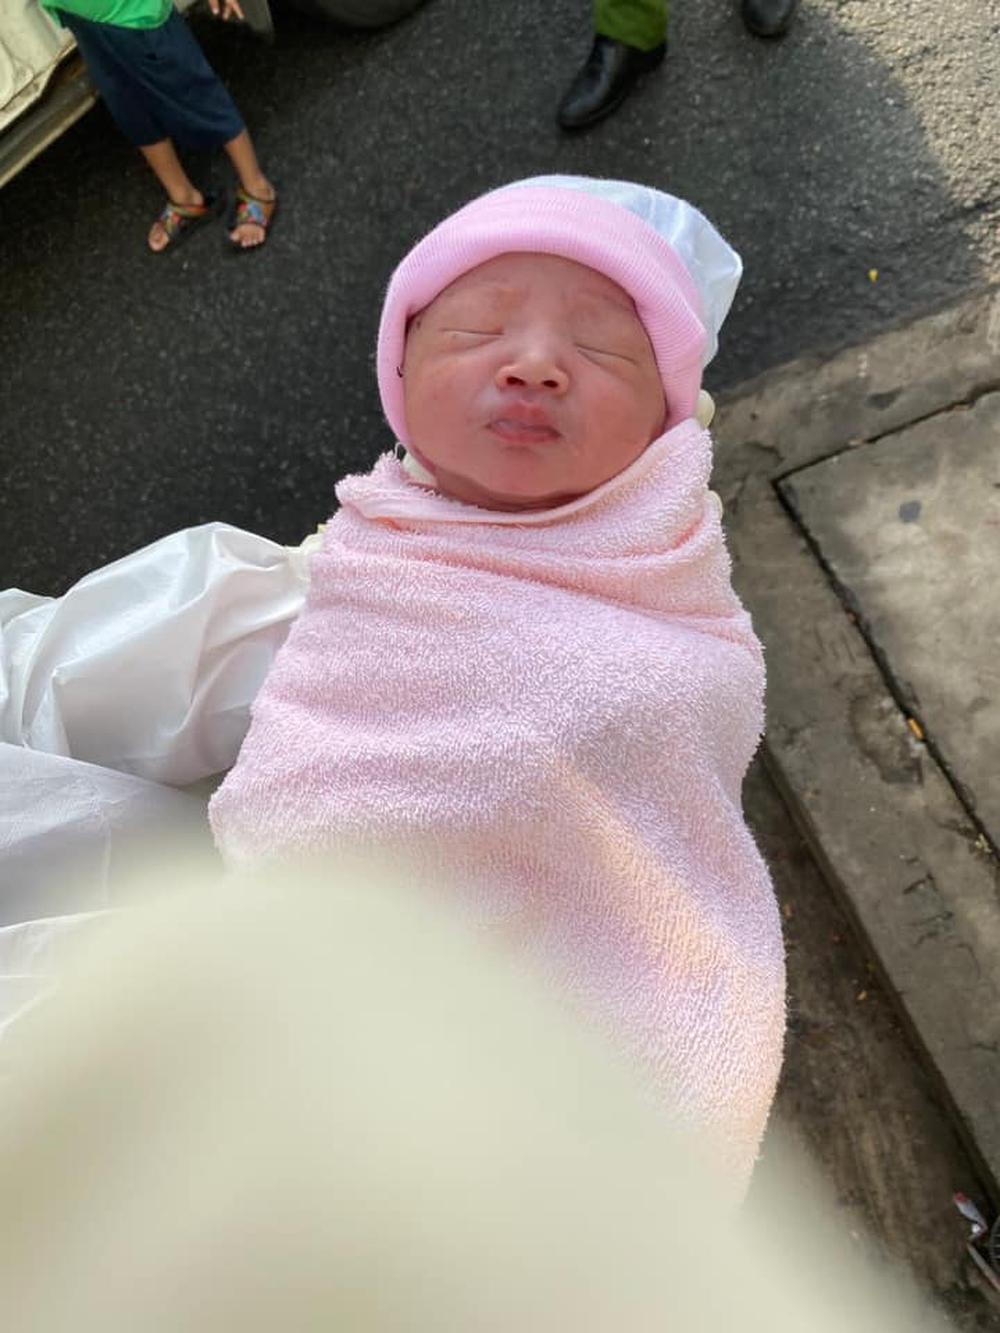 Nam sinh viên cảnh sát và bộ đội trở thành bà mụ đỡ đẻ cho thai phụ ngay trên vỉa hè phố Sài Gòn - Ảnh 2.